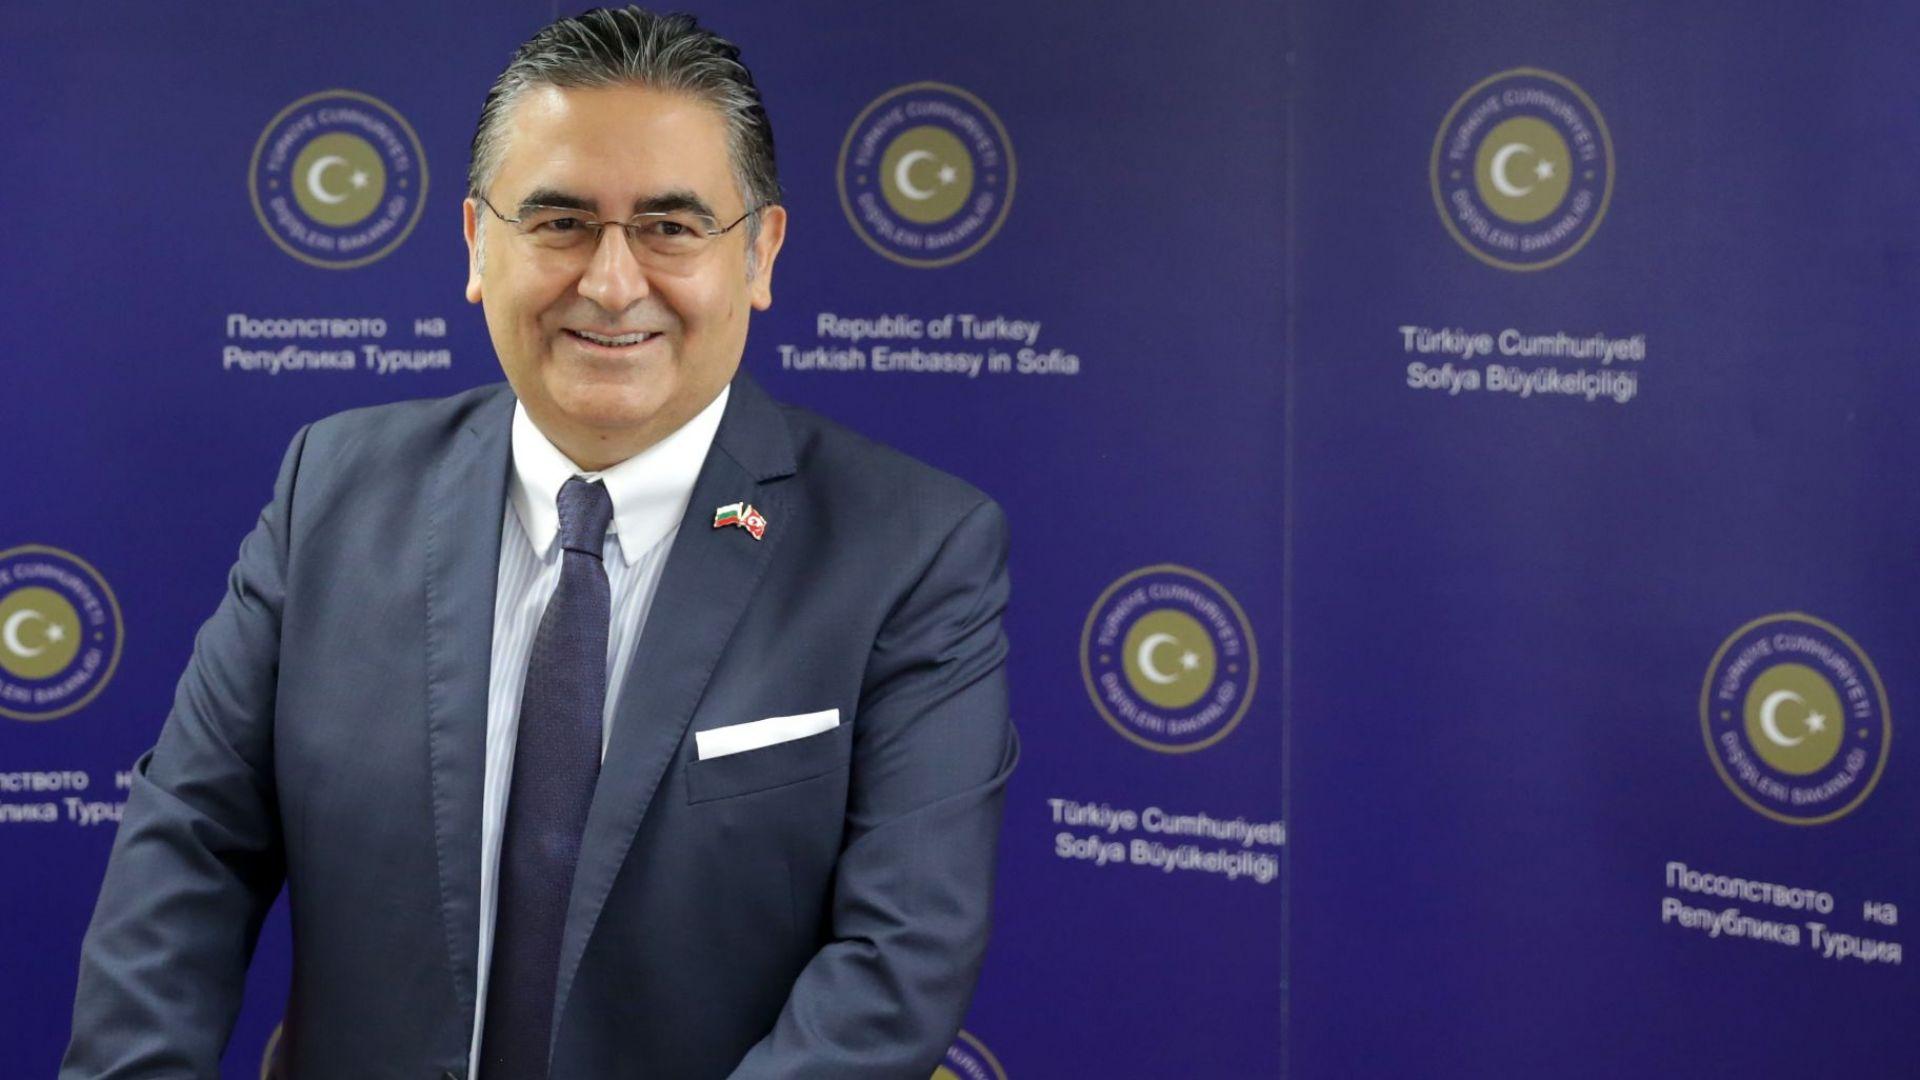 Н. Пр. Хасан Улусой: Демокрацията в Турция е укрепнала през последните две години